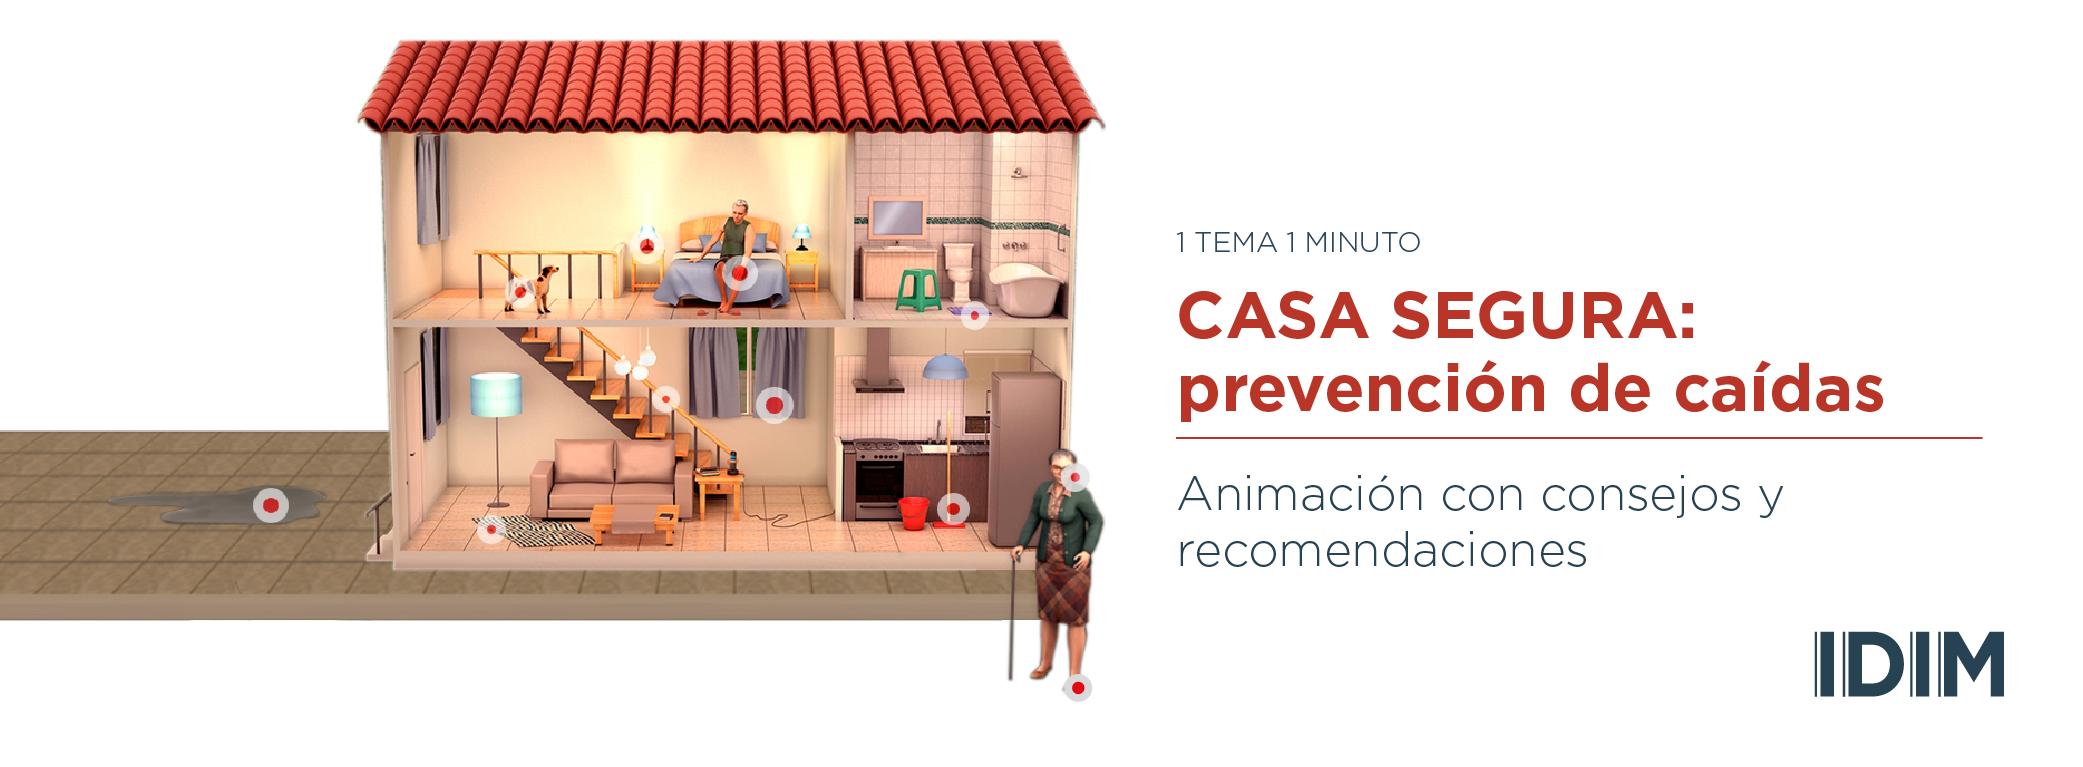 Animación con consejos sencillos para disminuir el riesgo de caídas